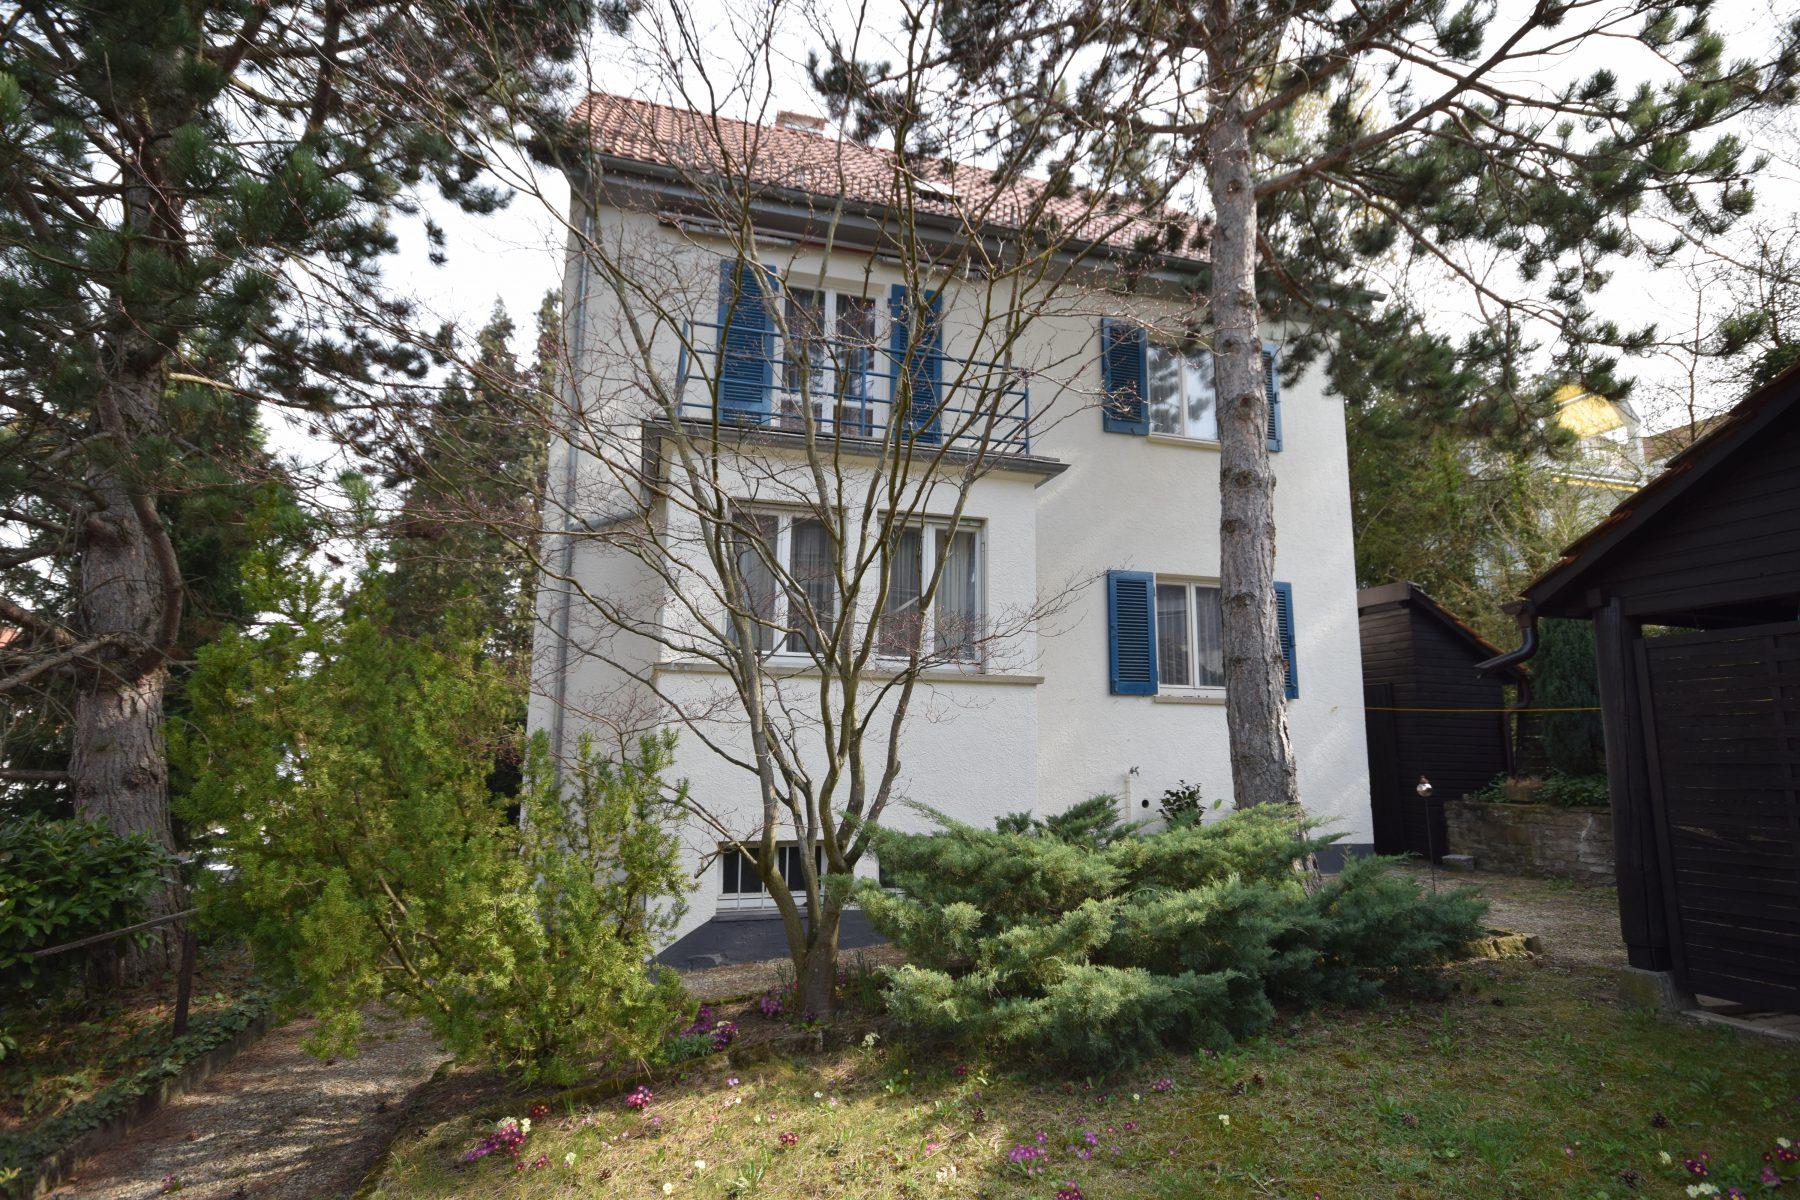 — VERKAUFT — RT/Steinenberg, nahe Kliniken – Haus mit 30´er Charme und herrlichem Grundstück